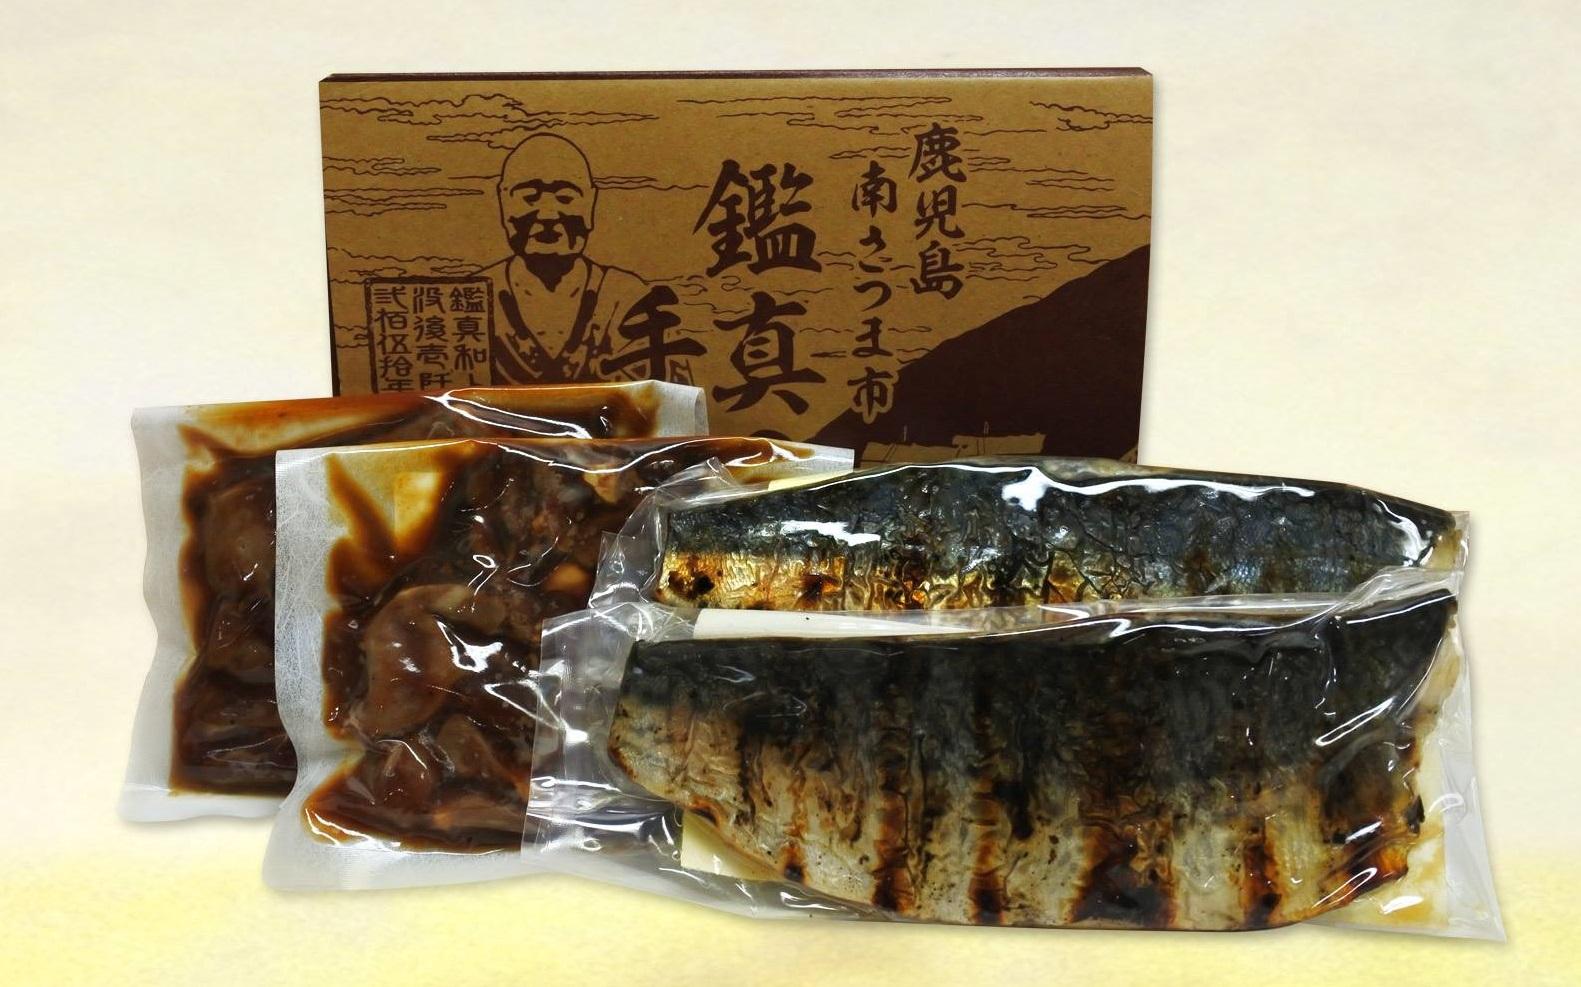 双剣鯖炭火焼とハツ煮込みセット